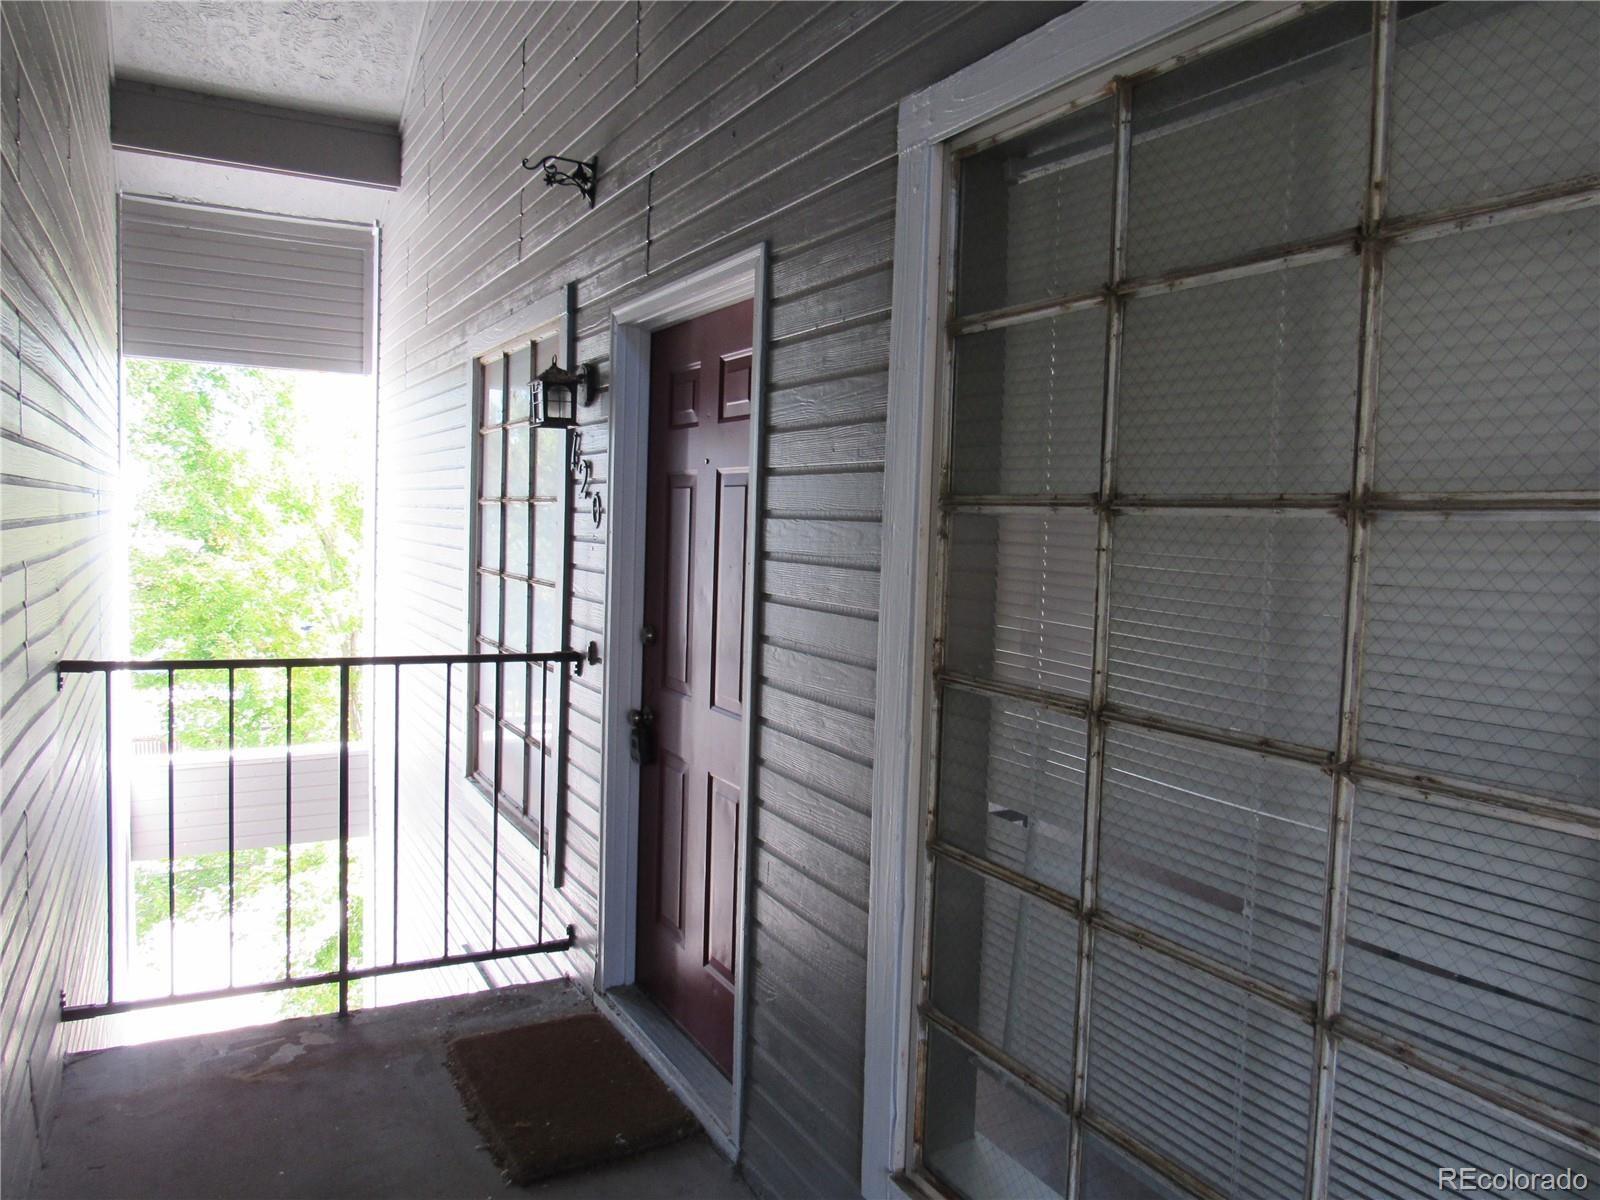 MLS# 2934301 - 10 - 4460 S Pitkin Street #120, Aurora, CO 80015